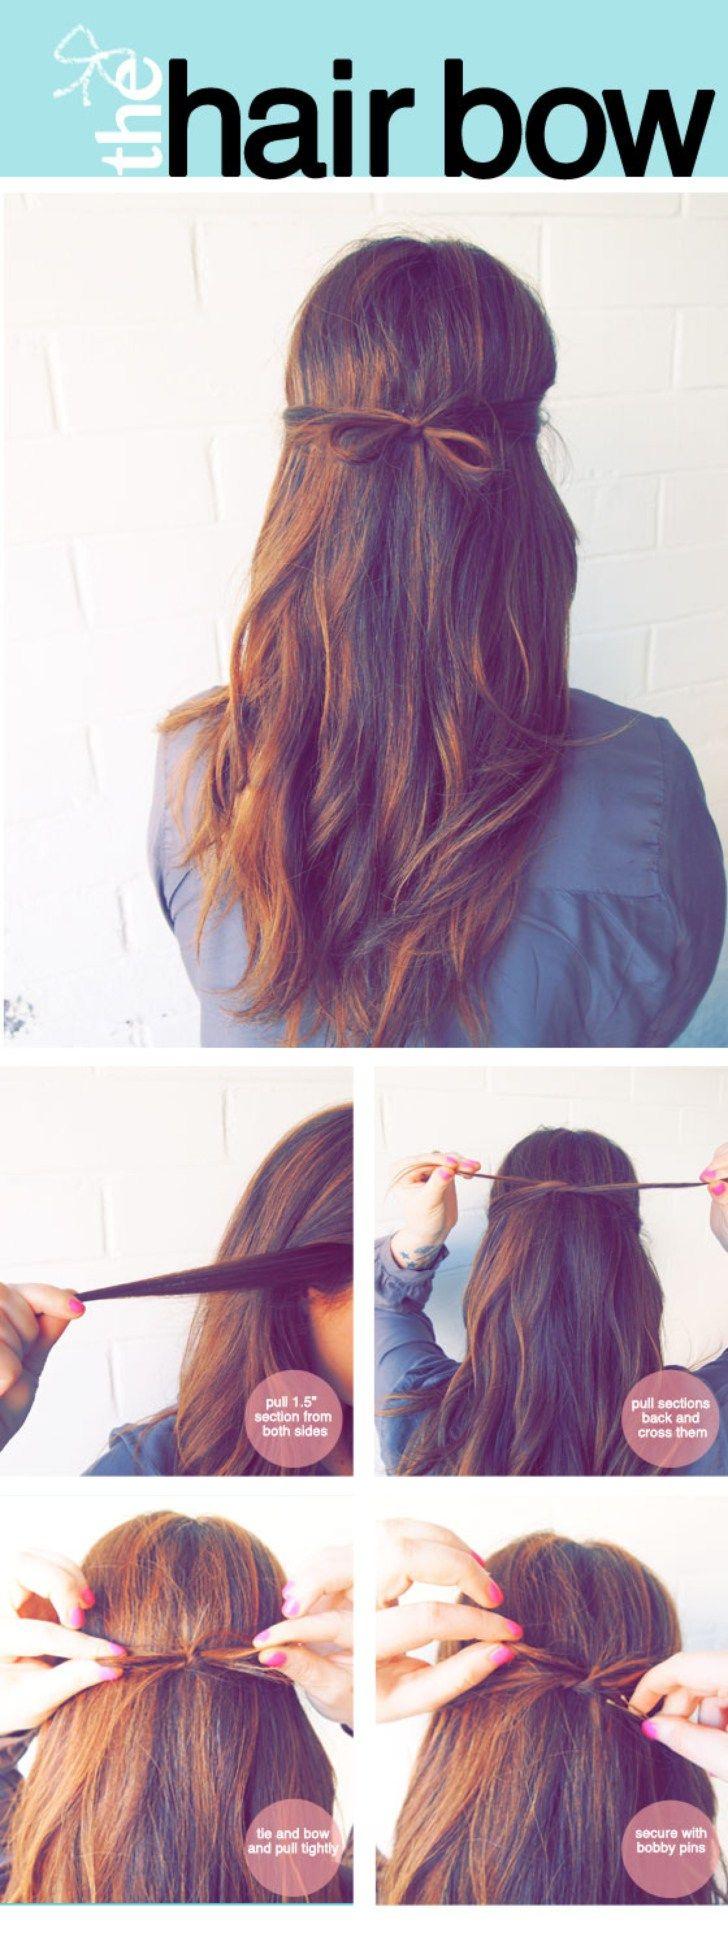 peinados rápidos fáciles y hermosos trucos de belleza